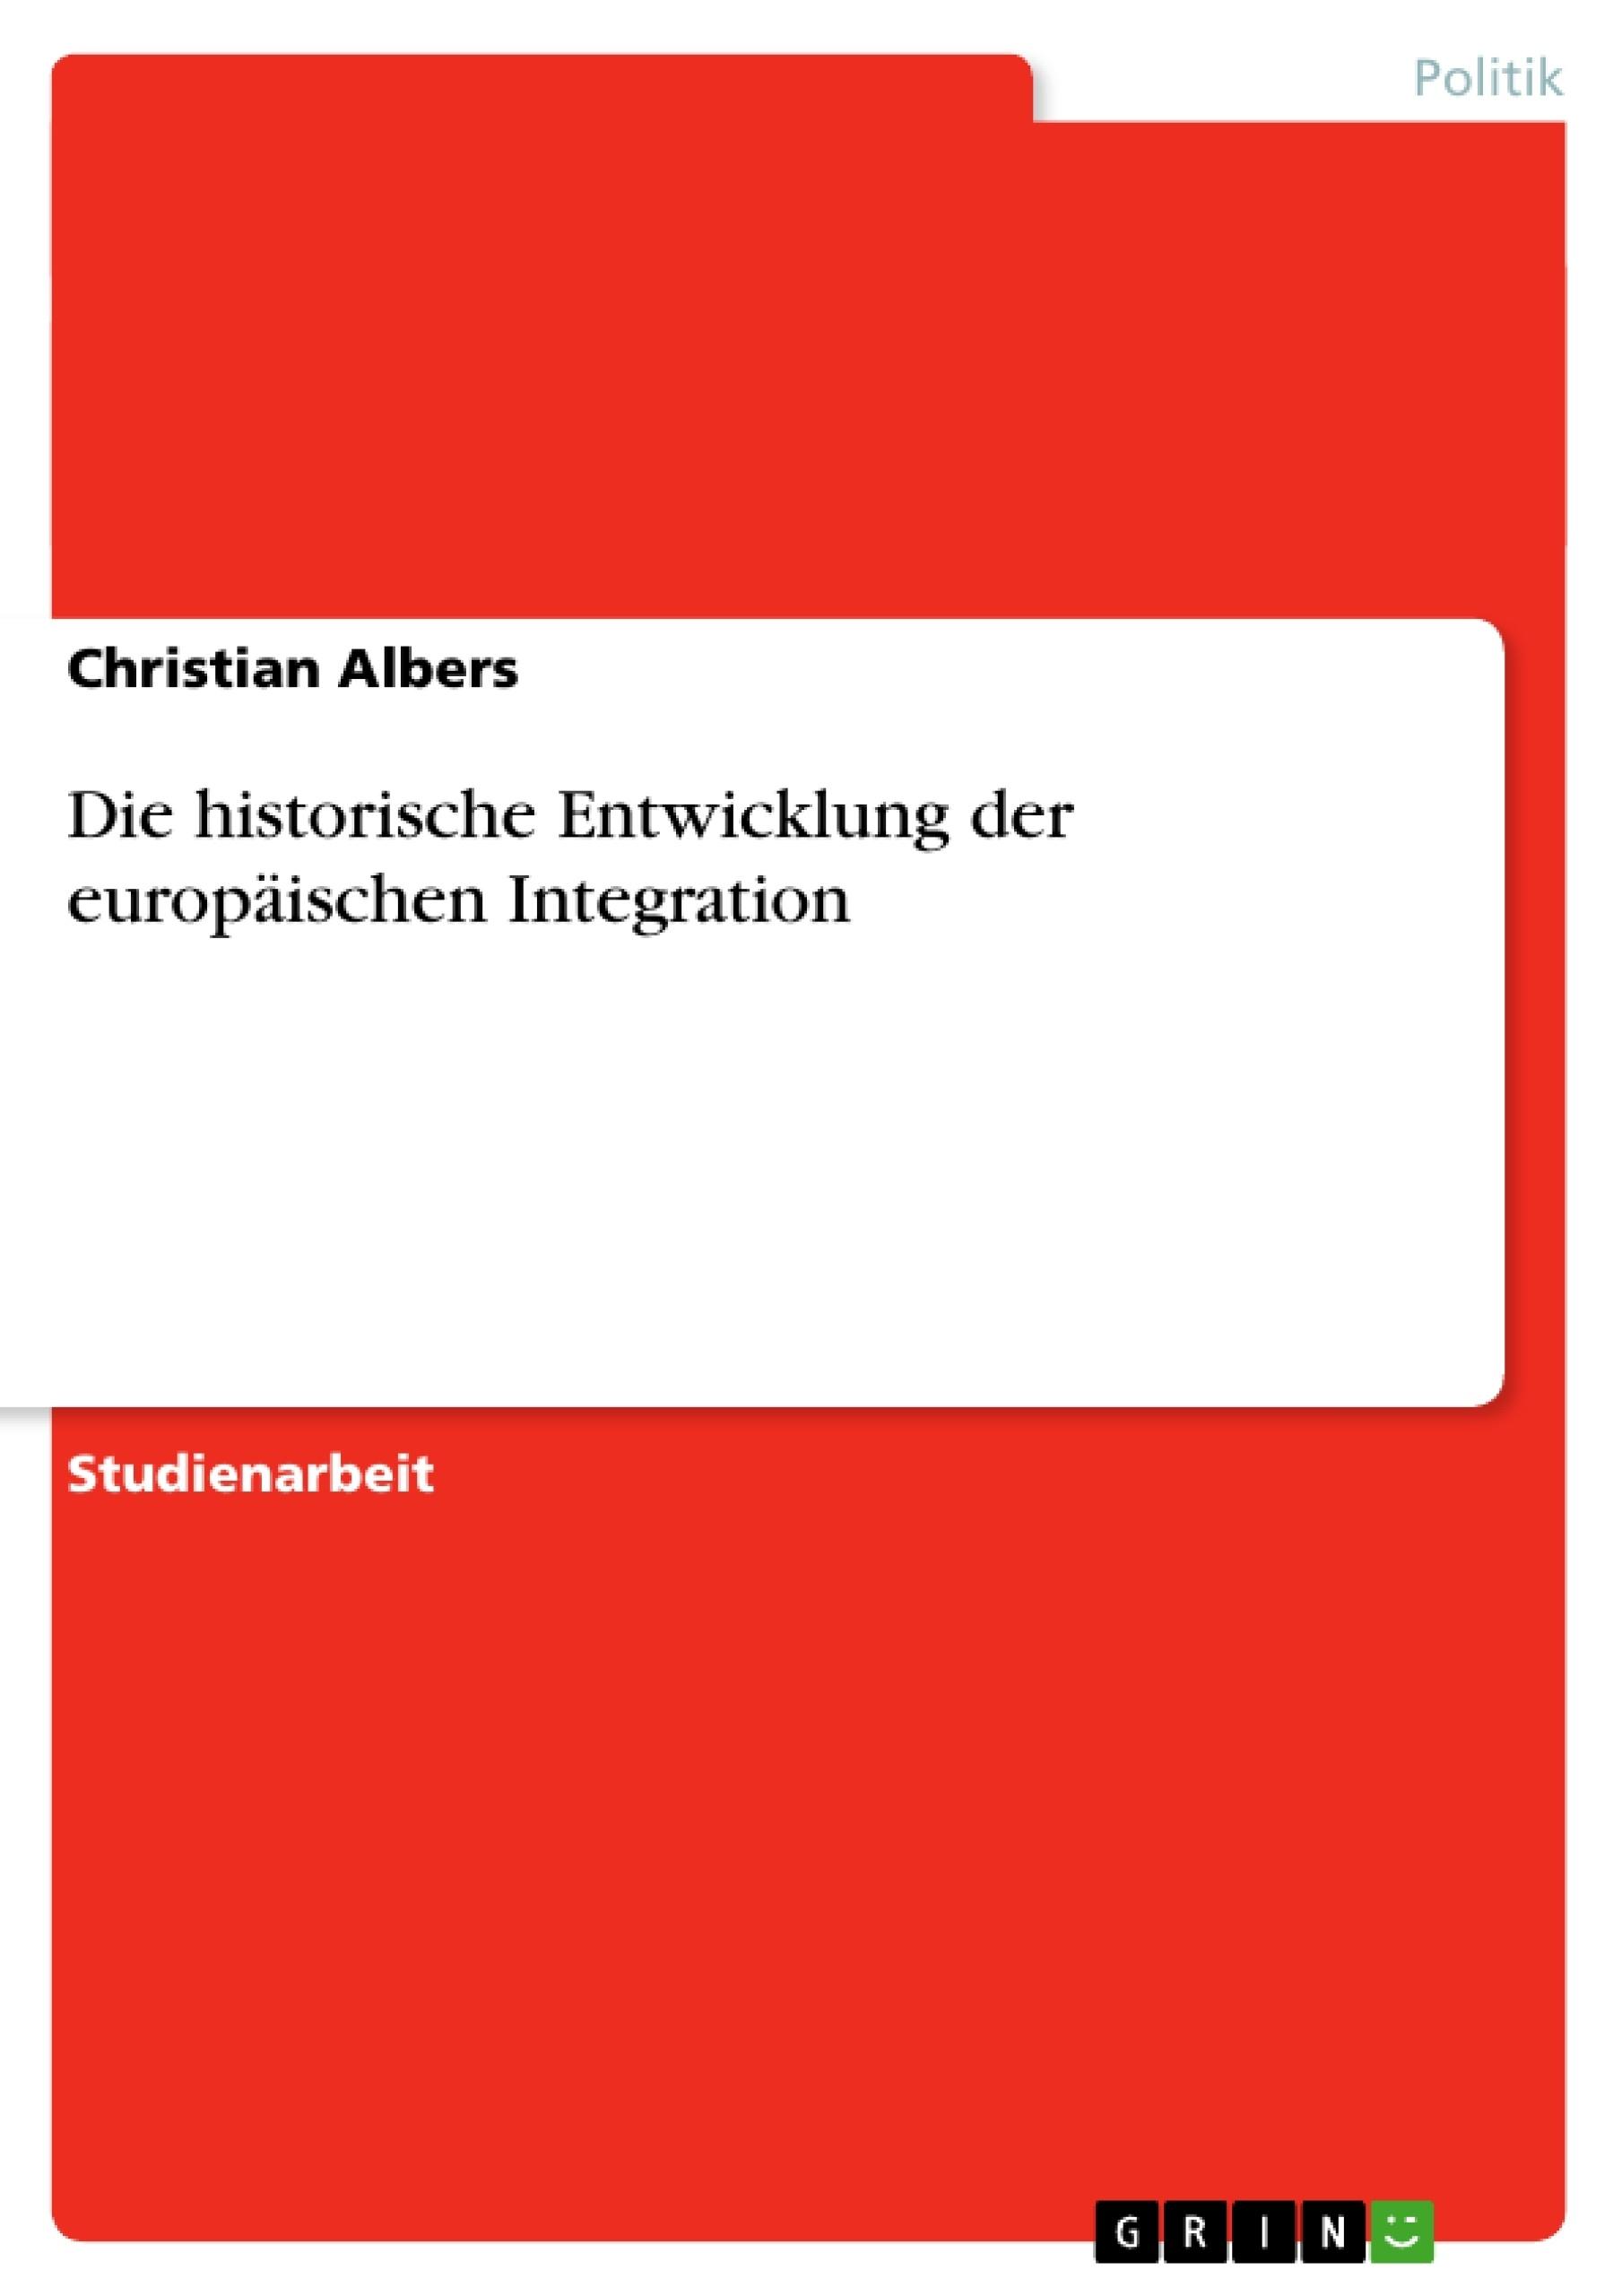 Titel: Die historische Entwicklung der europäischen Integration